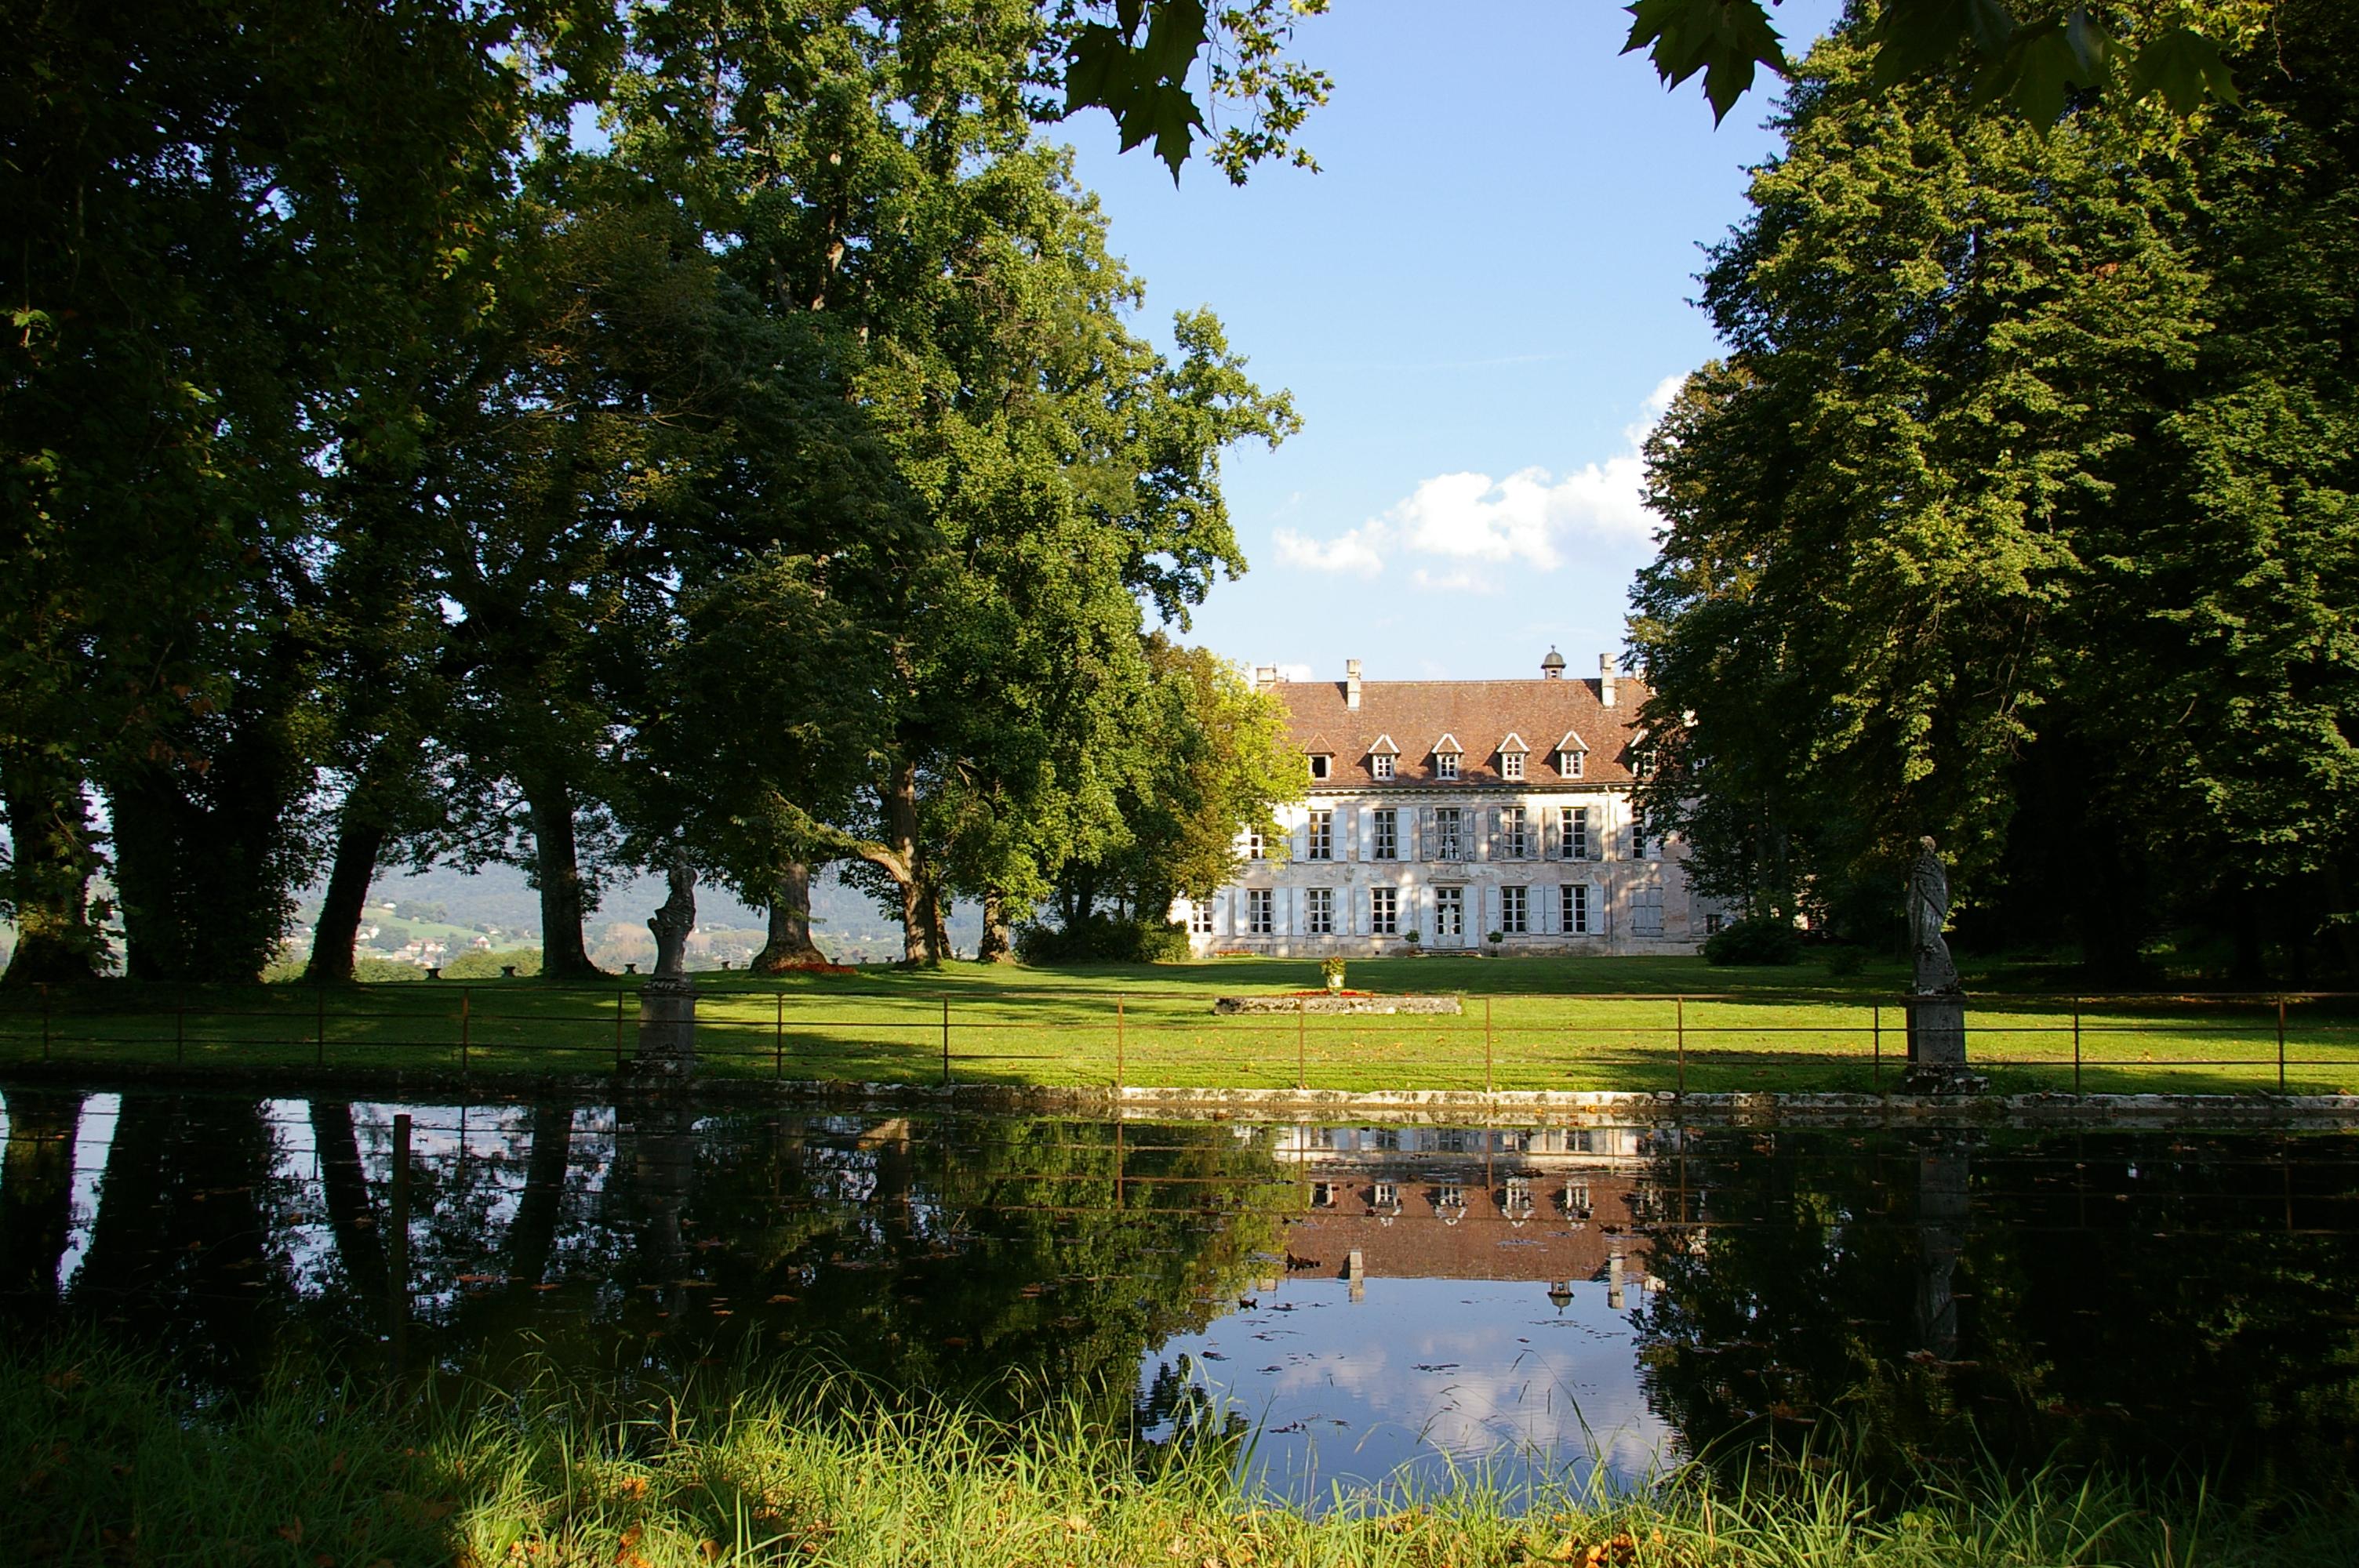 chateau-de-vaulserre-jardins-saintalbindevaulserre-valsdudauphine-isere